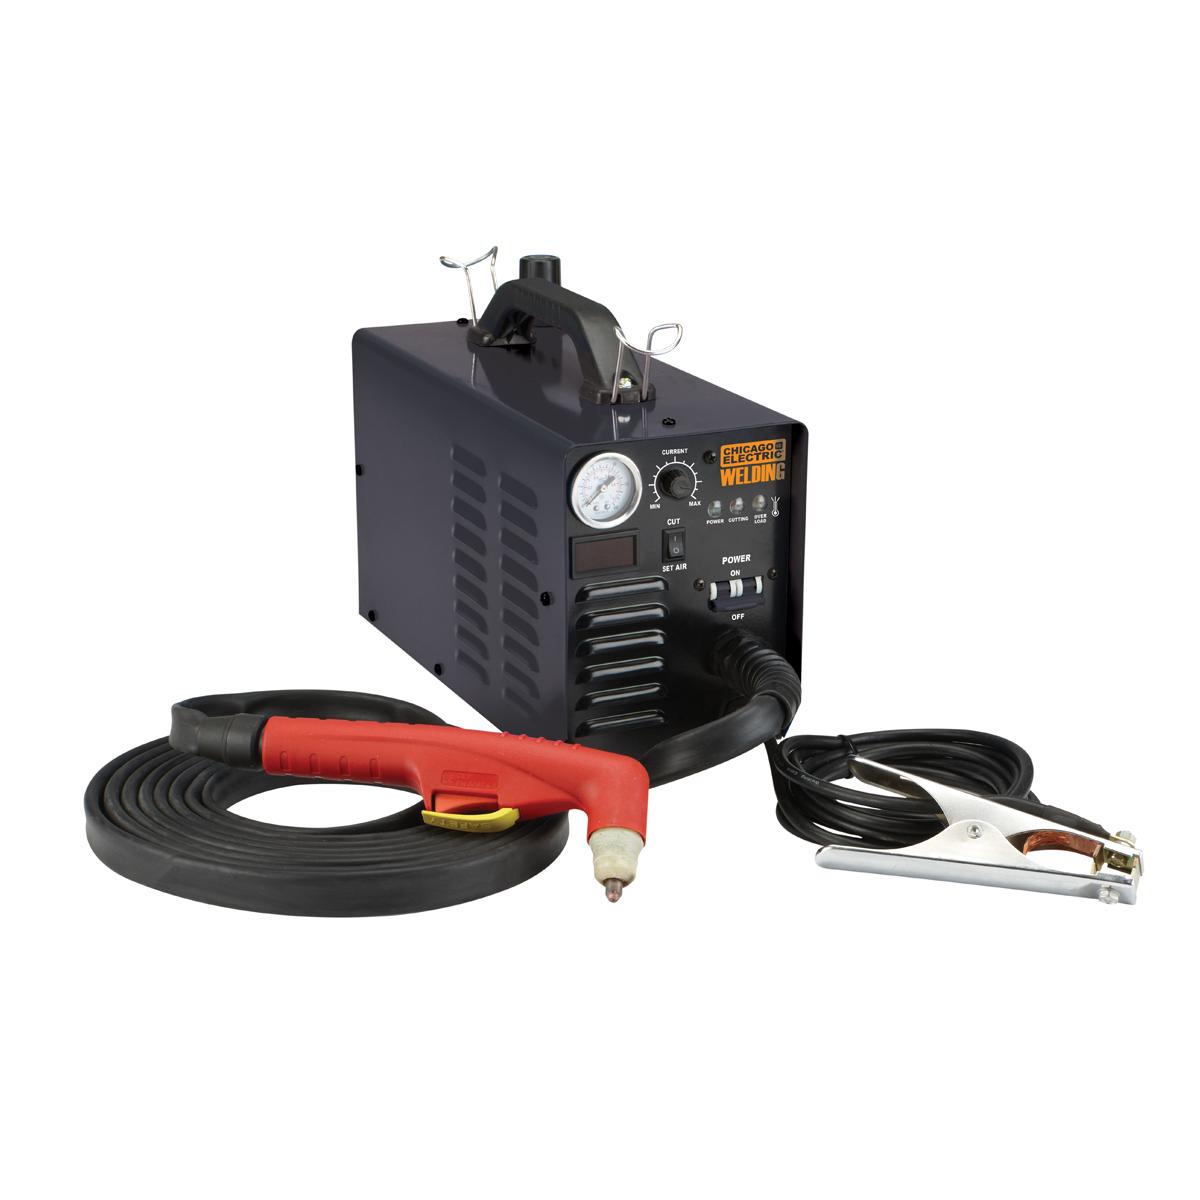 3 Wire 220 Volt Wiring Plasma Cutter - WIRE Center •